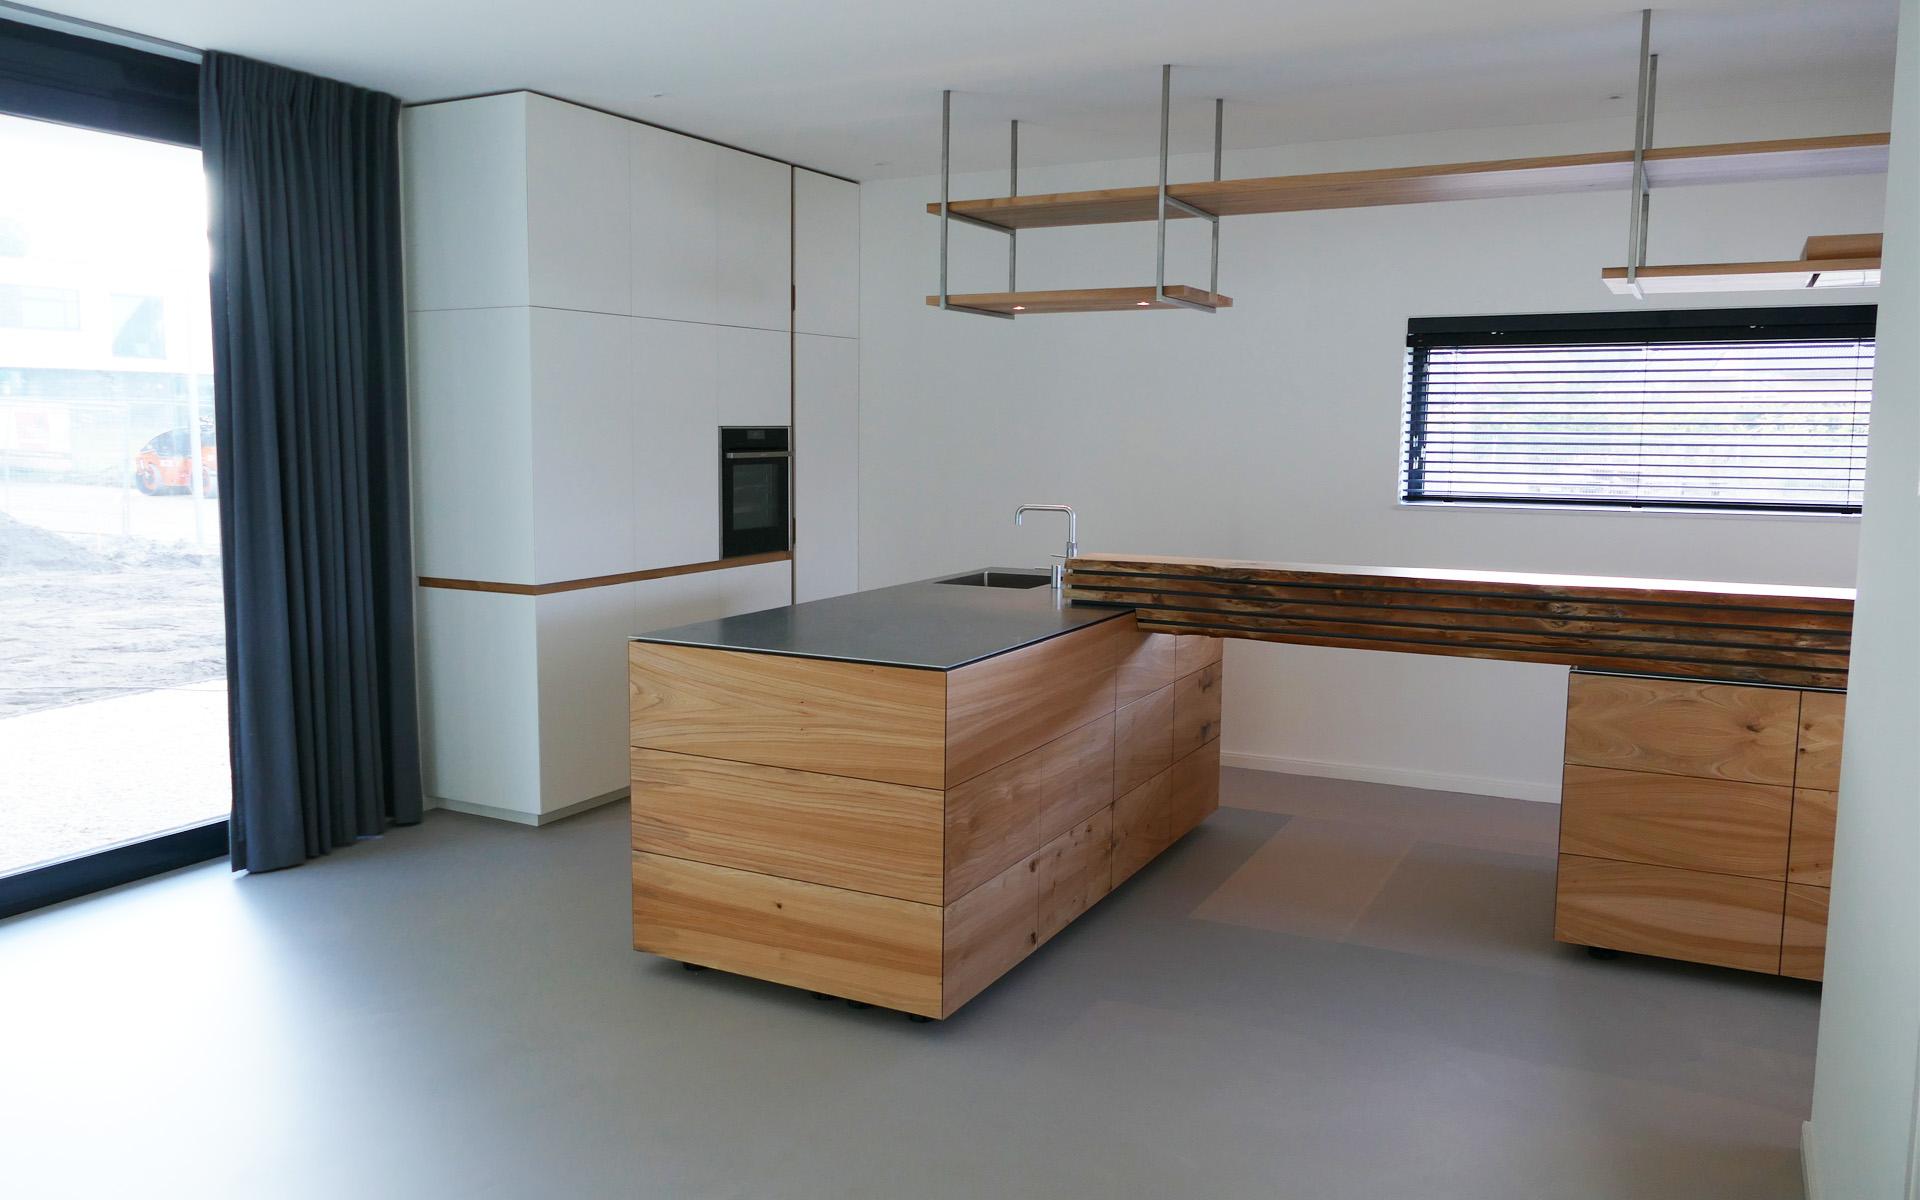 Iepenhout keuken te groningen opgeleverd studio sool meubels - Meubels studio keuken ...